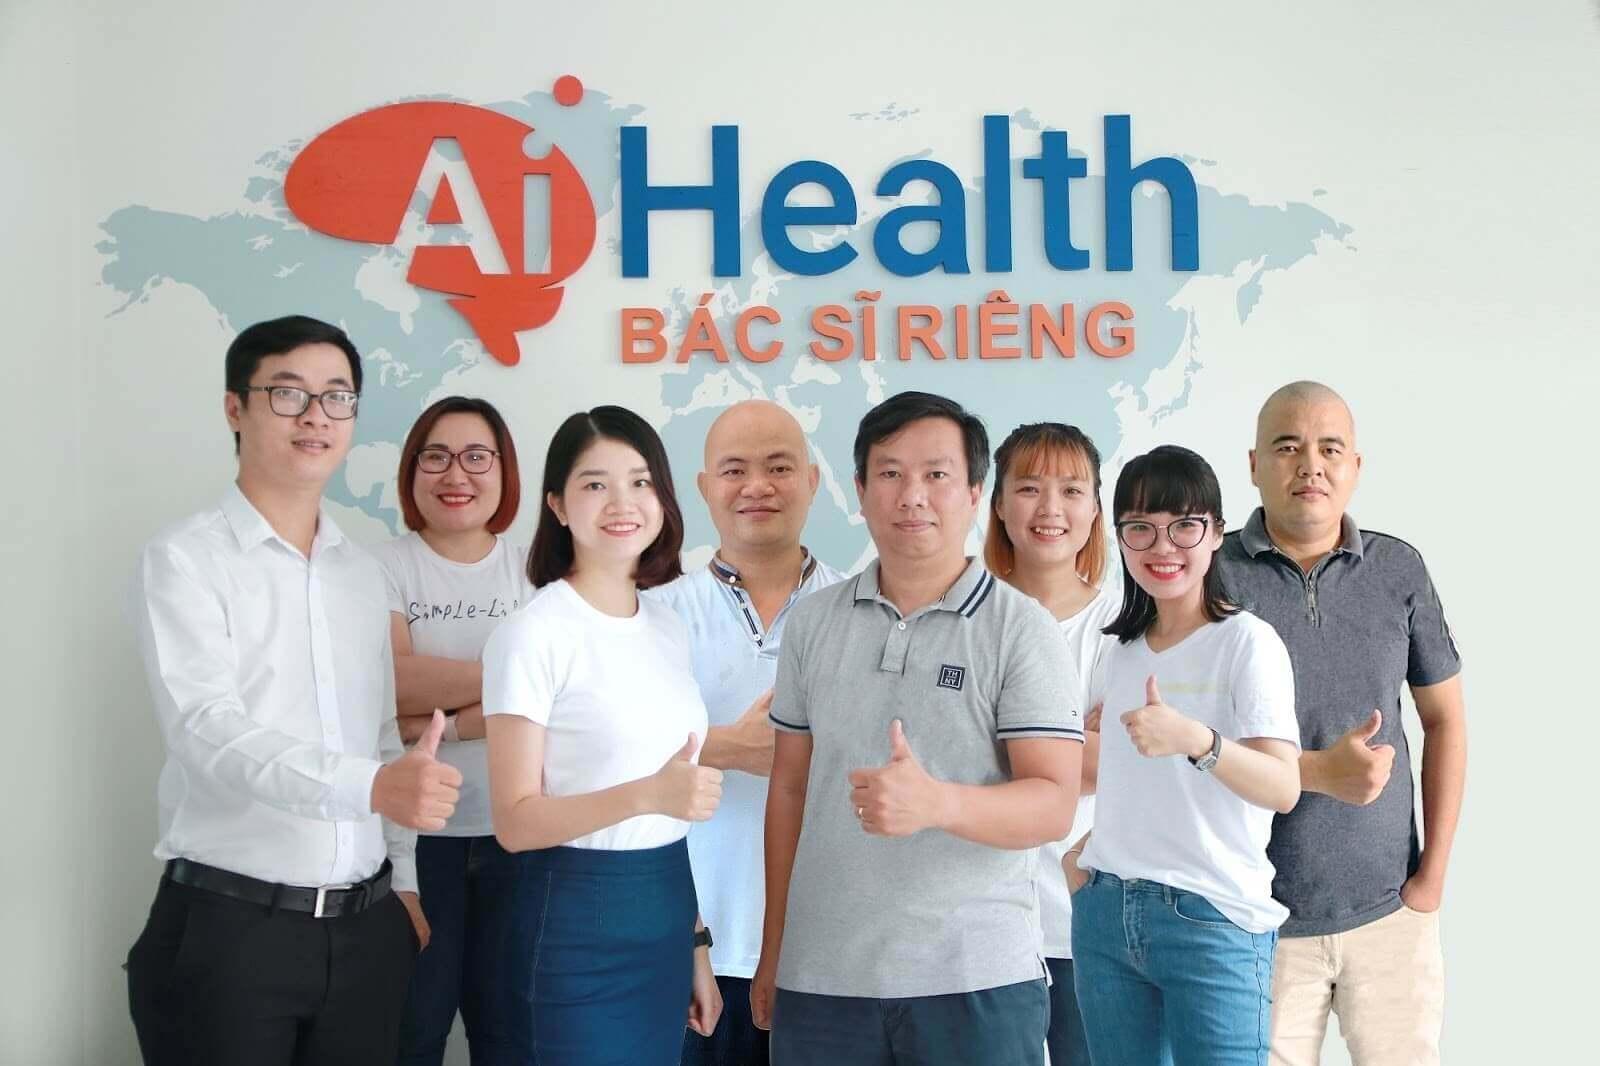 AiHealth hỗ trợ các dịch vụ sức khỏe trực tuyến nhanh chóng